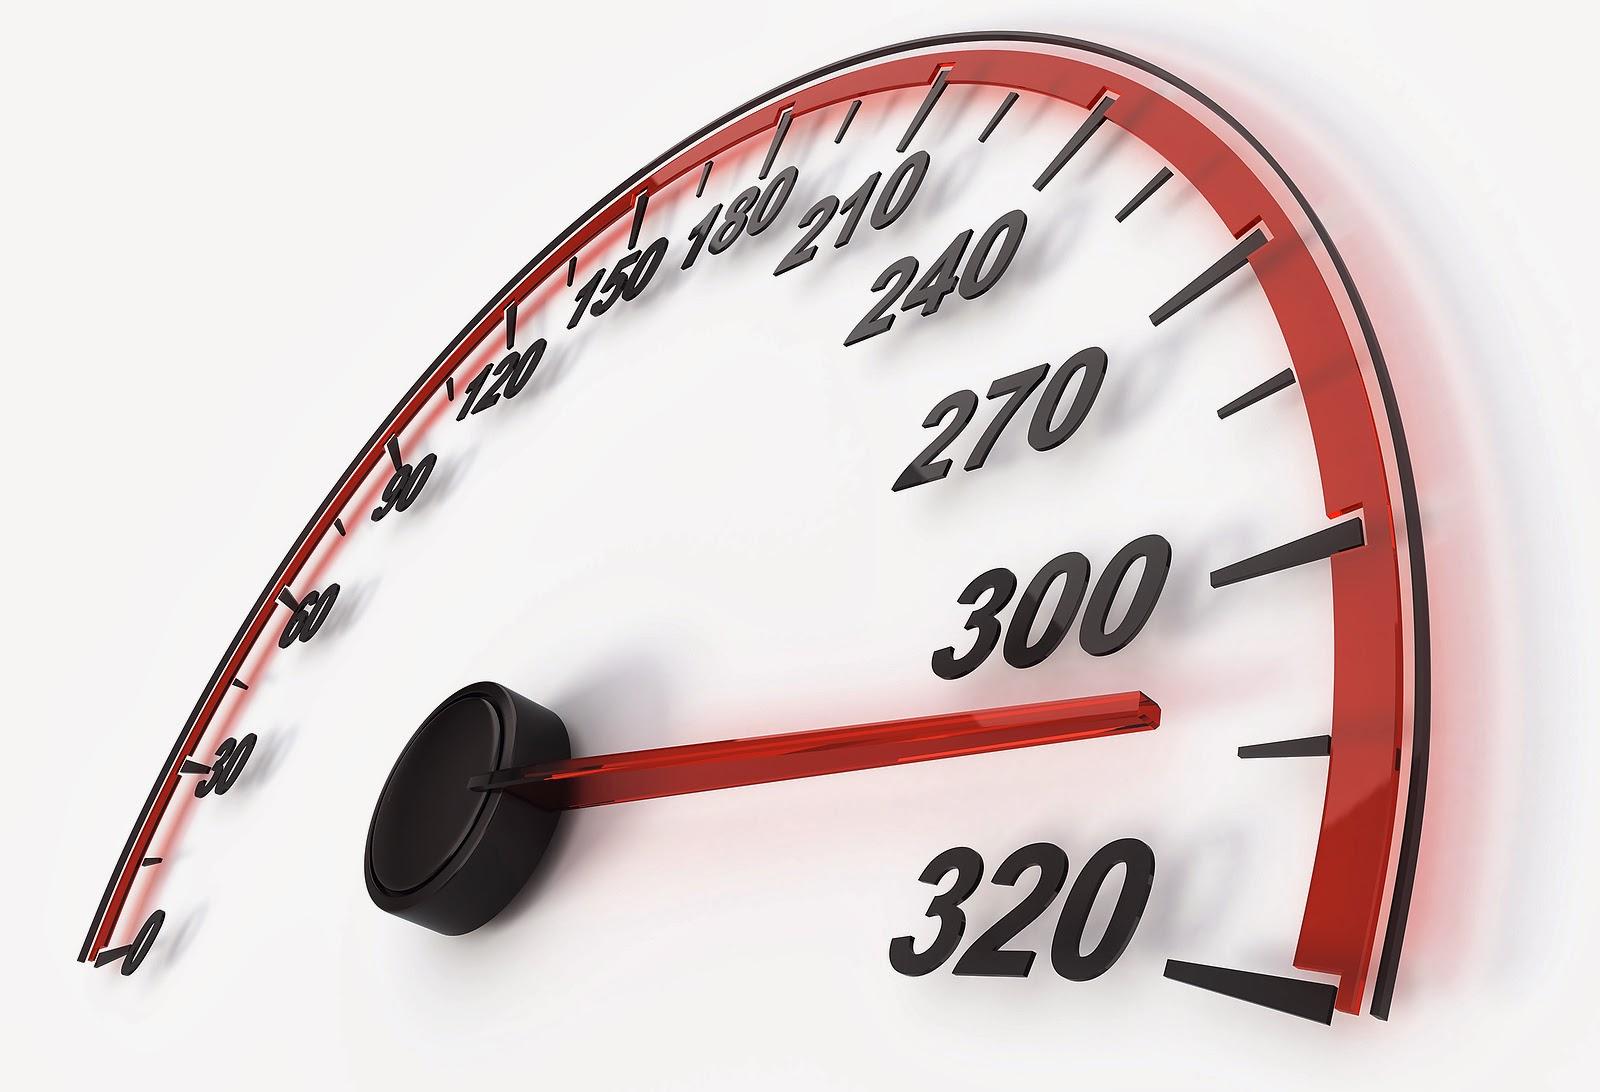 Rumus Kecepatan Dan Kelajuan